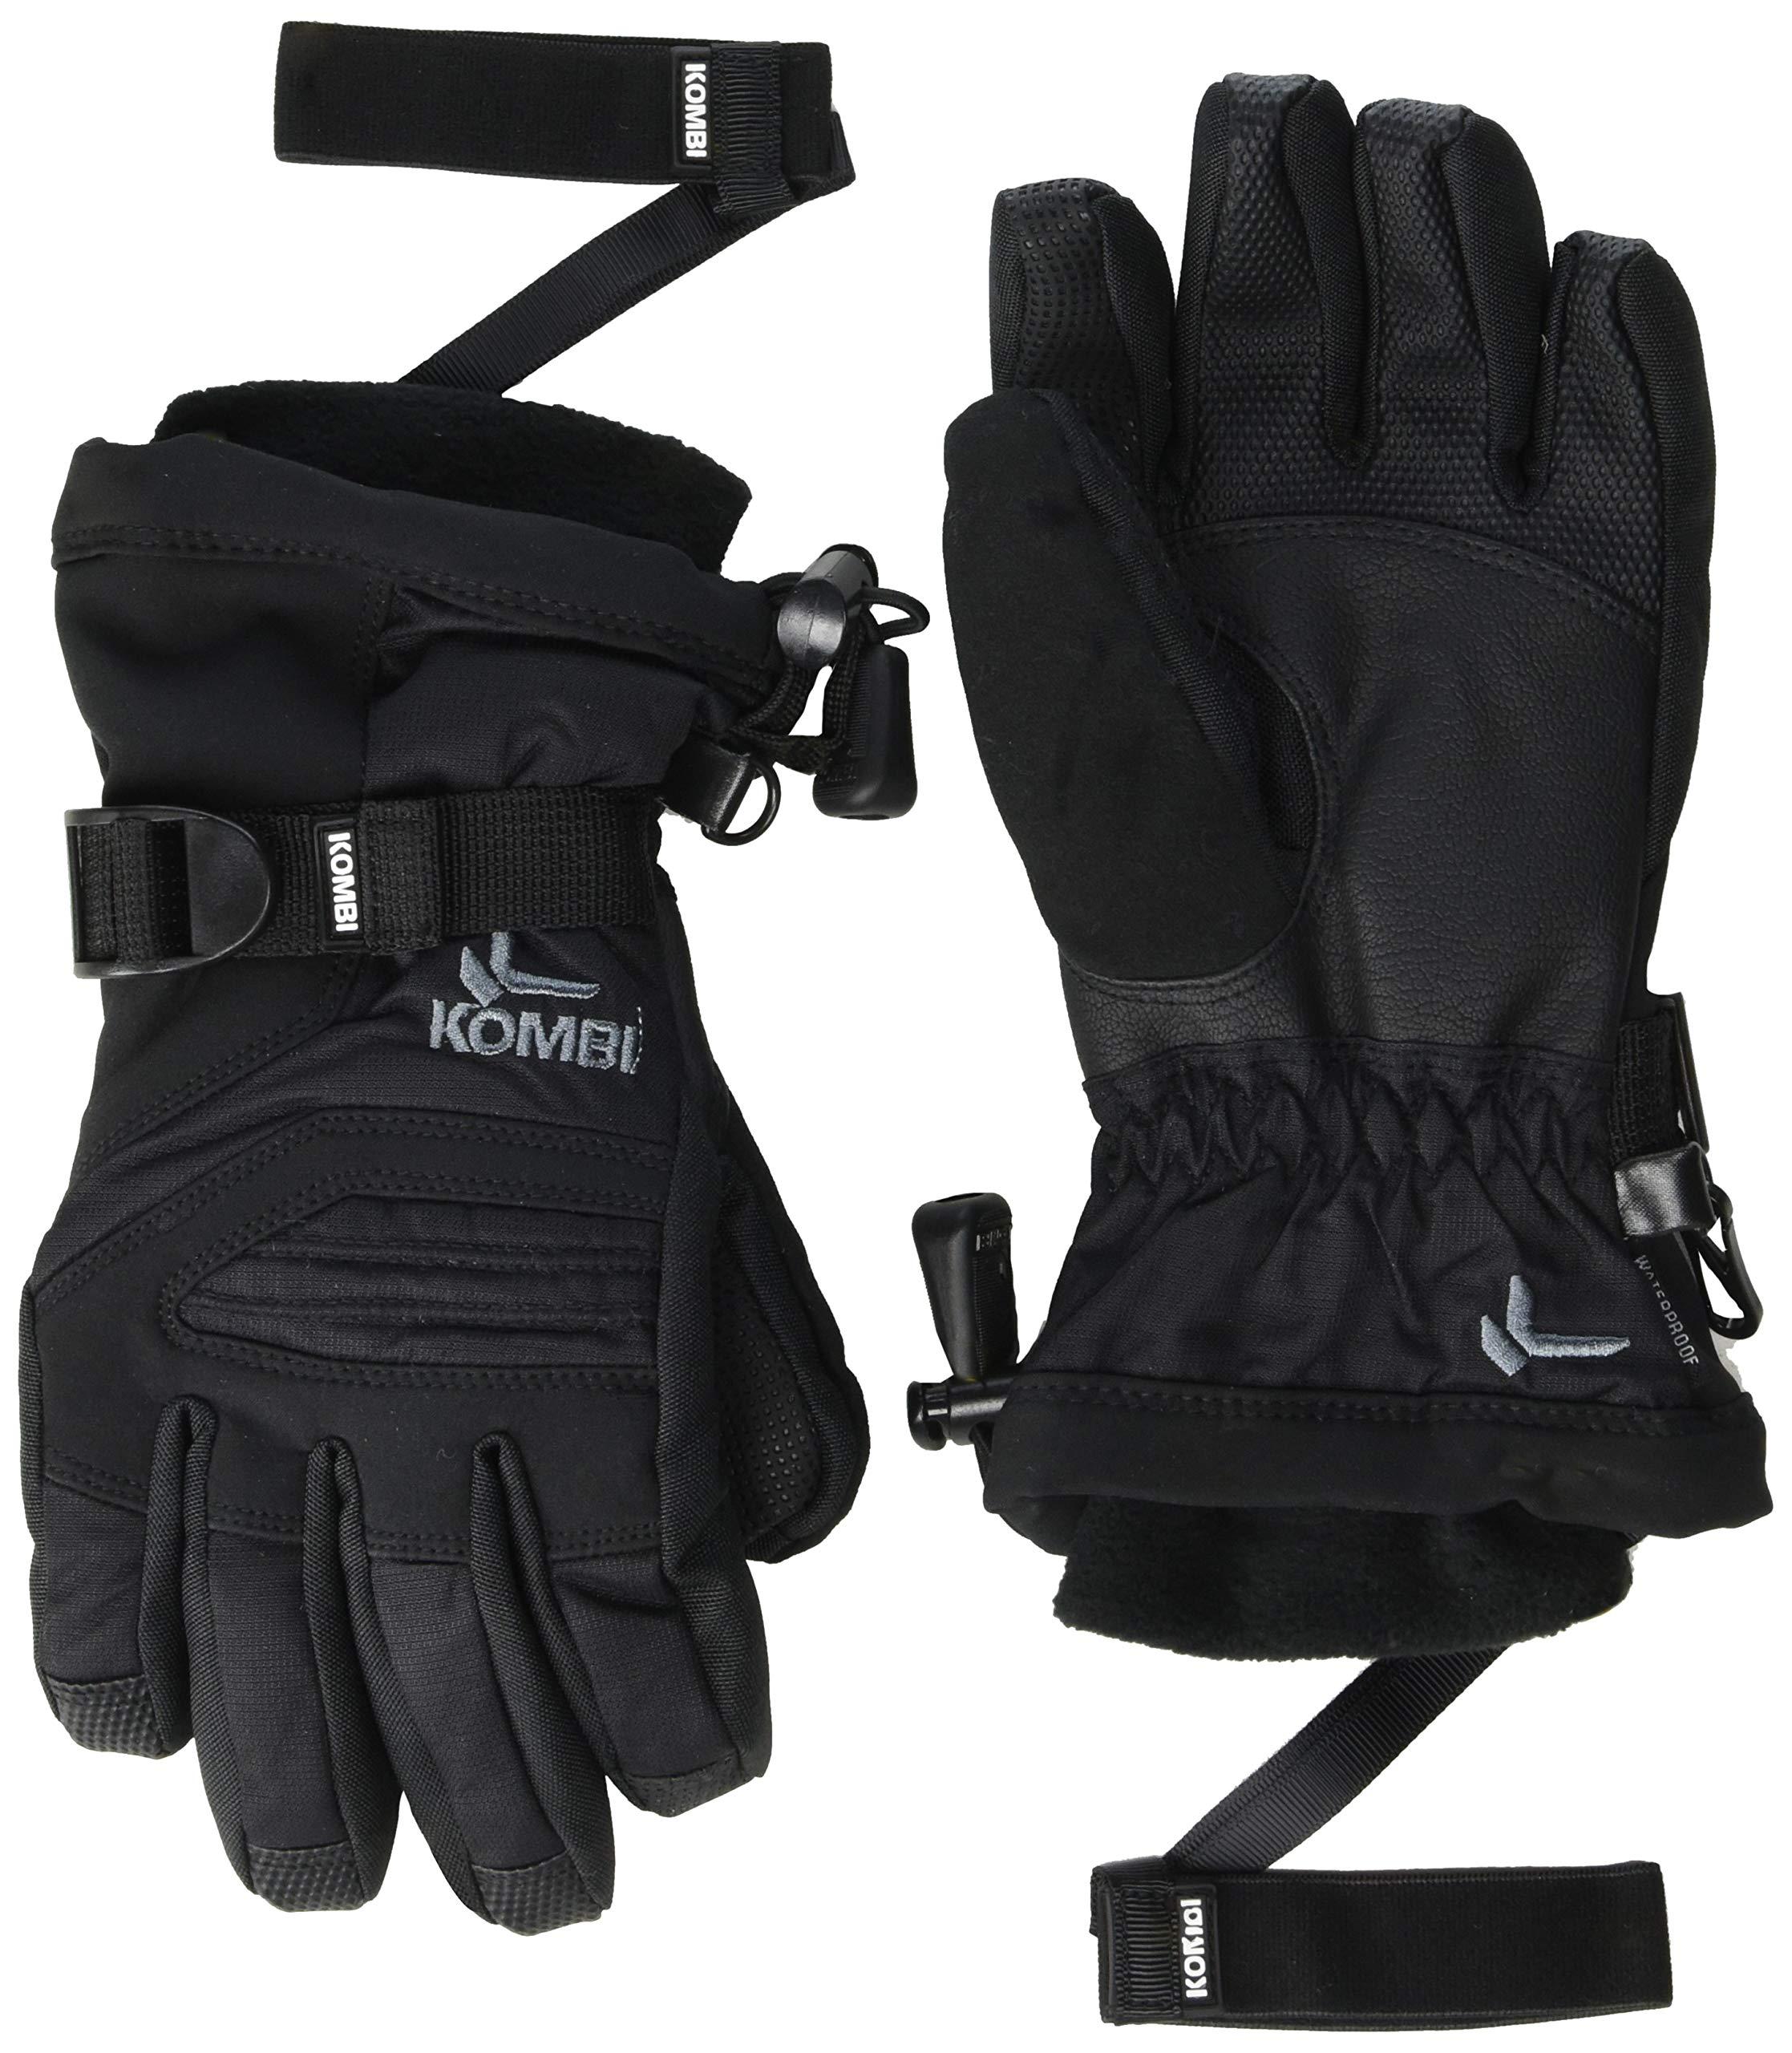 Kombi Junior Storm Cuff III Gloves, Black, Small